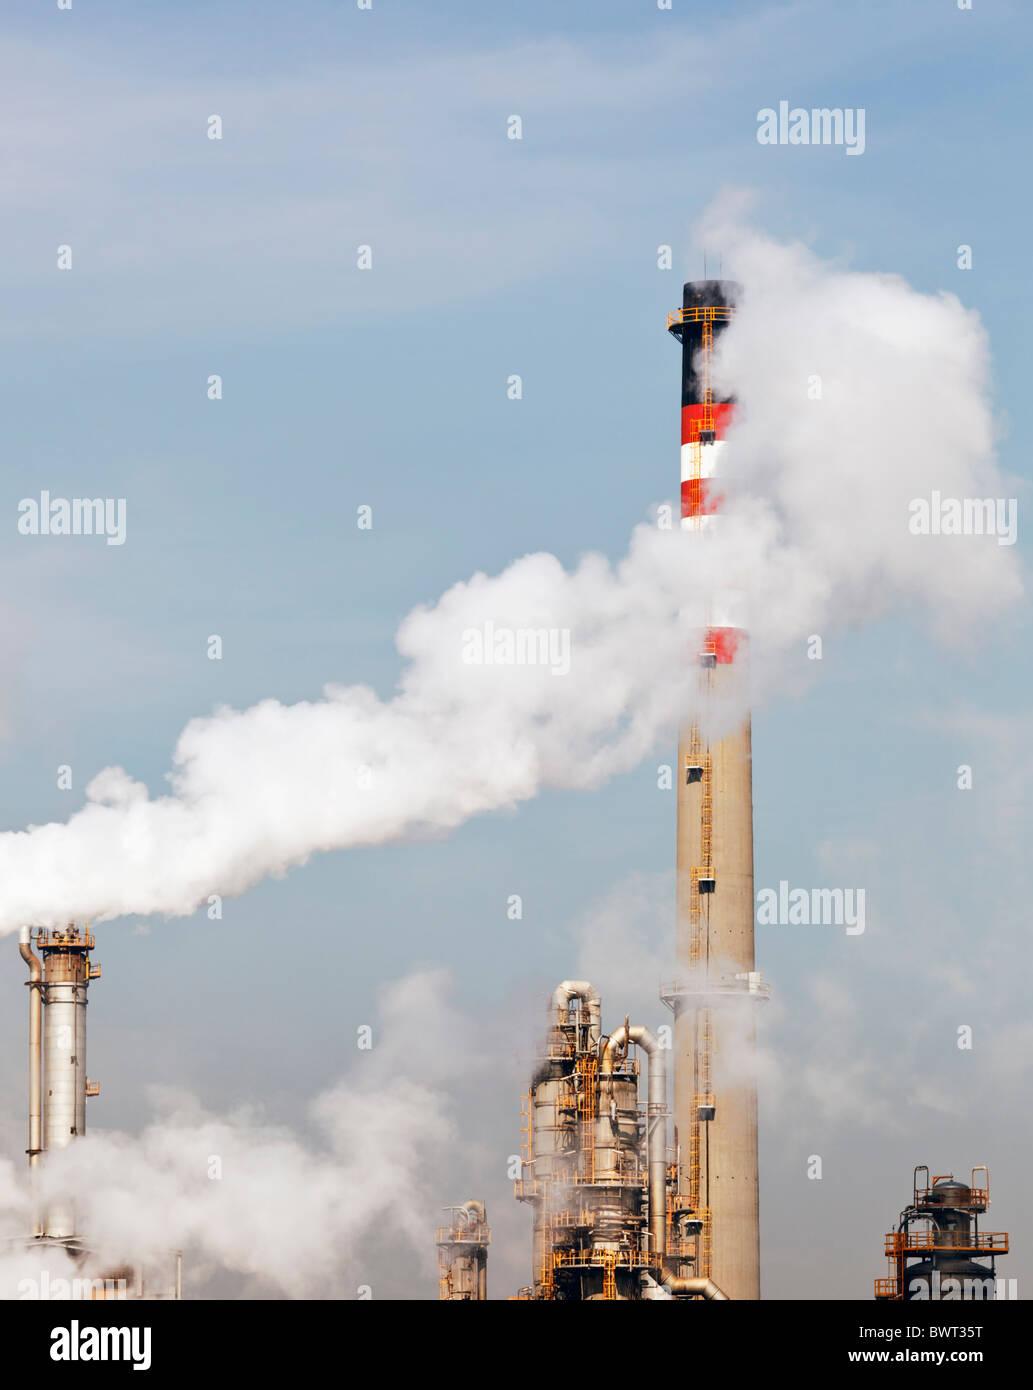 La pollution d'usine pétrochimique près de Guadarranque, Province de Cadix, Espagne. Photo Stock